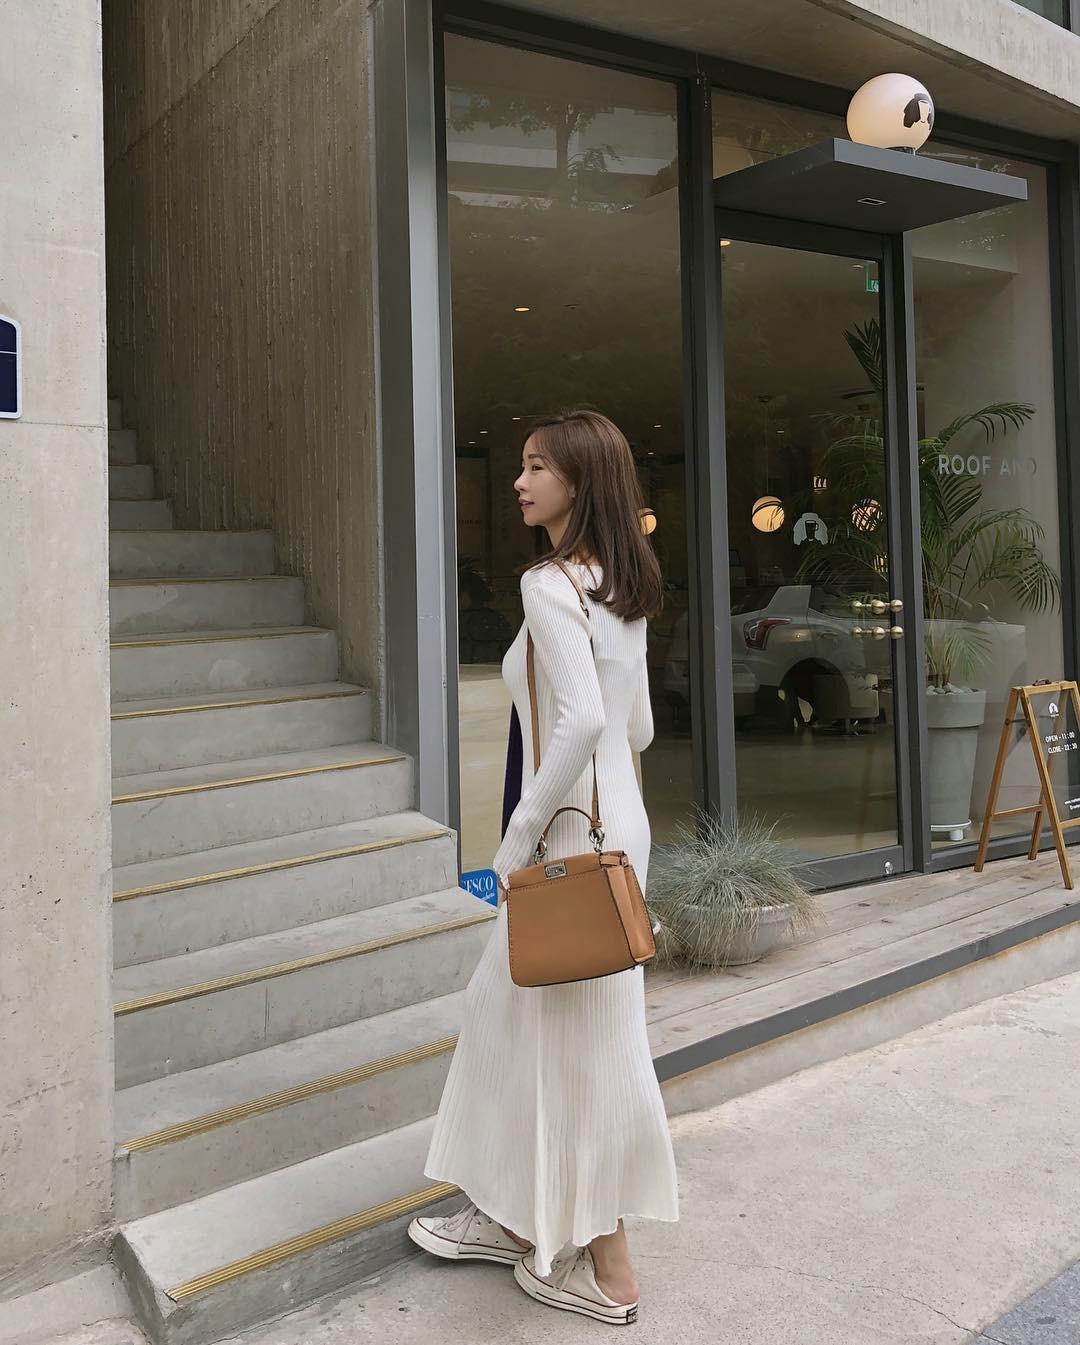 Váy dệt kim – chiếc váy mềm mại, đầy quyến rũ mà các nàng không thể làm ngơ trong những ngày trời se lạnh - Ảnh 4.